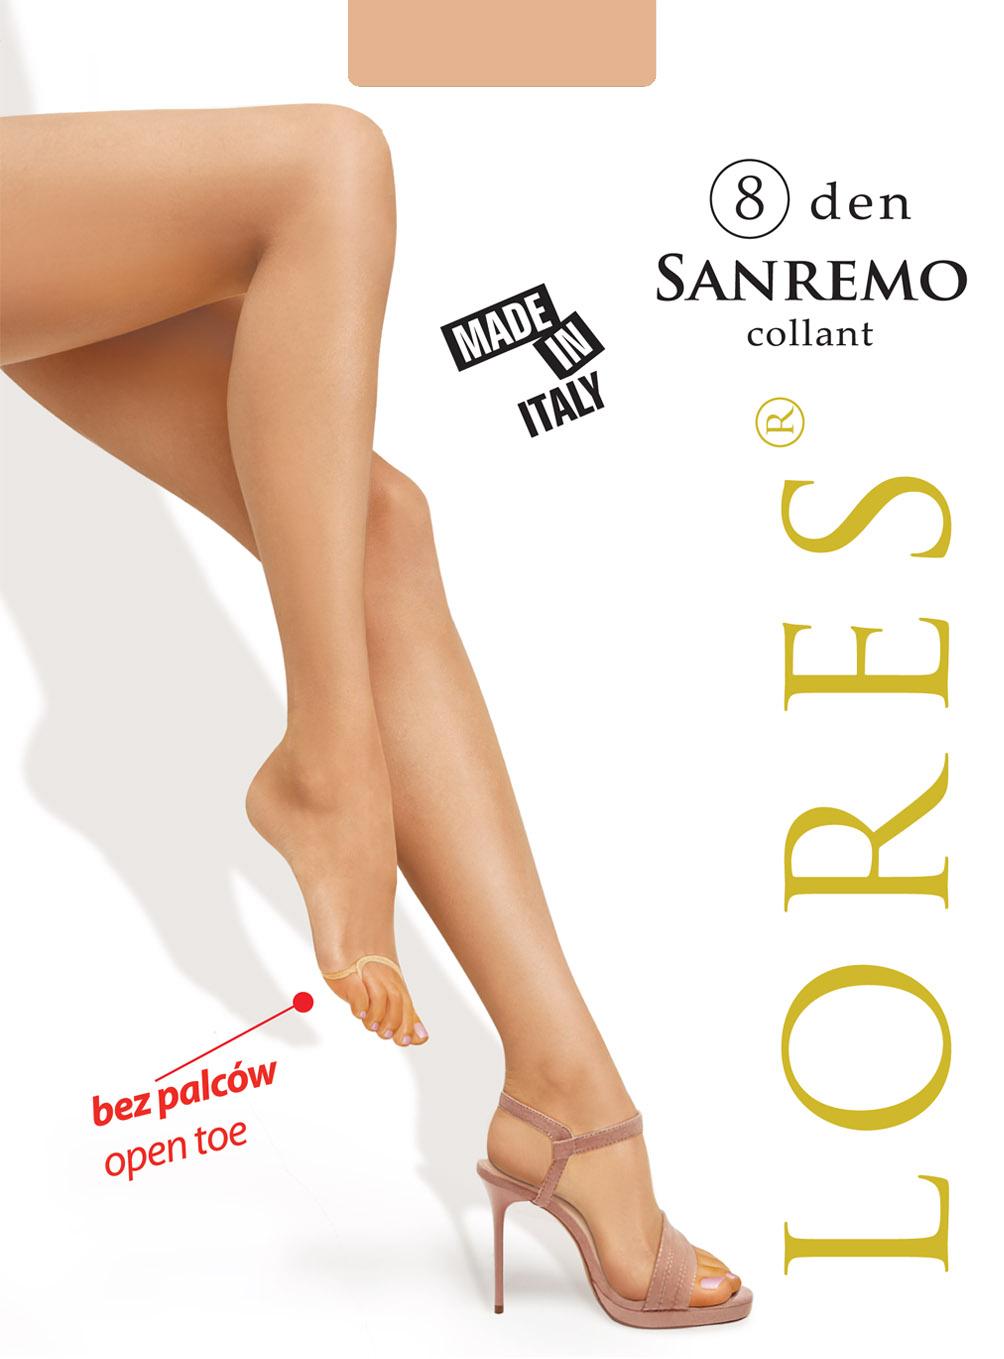 rajstopy bez palców - Lores